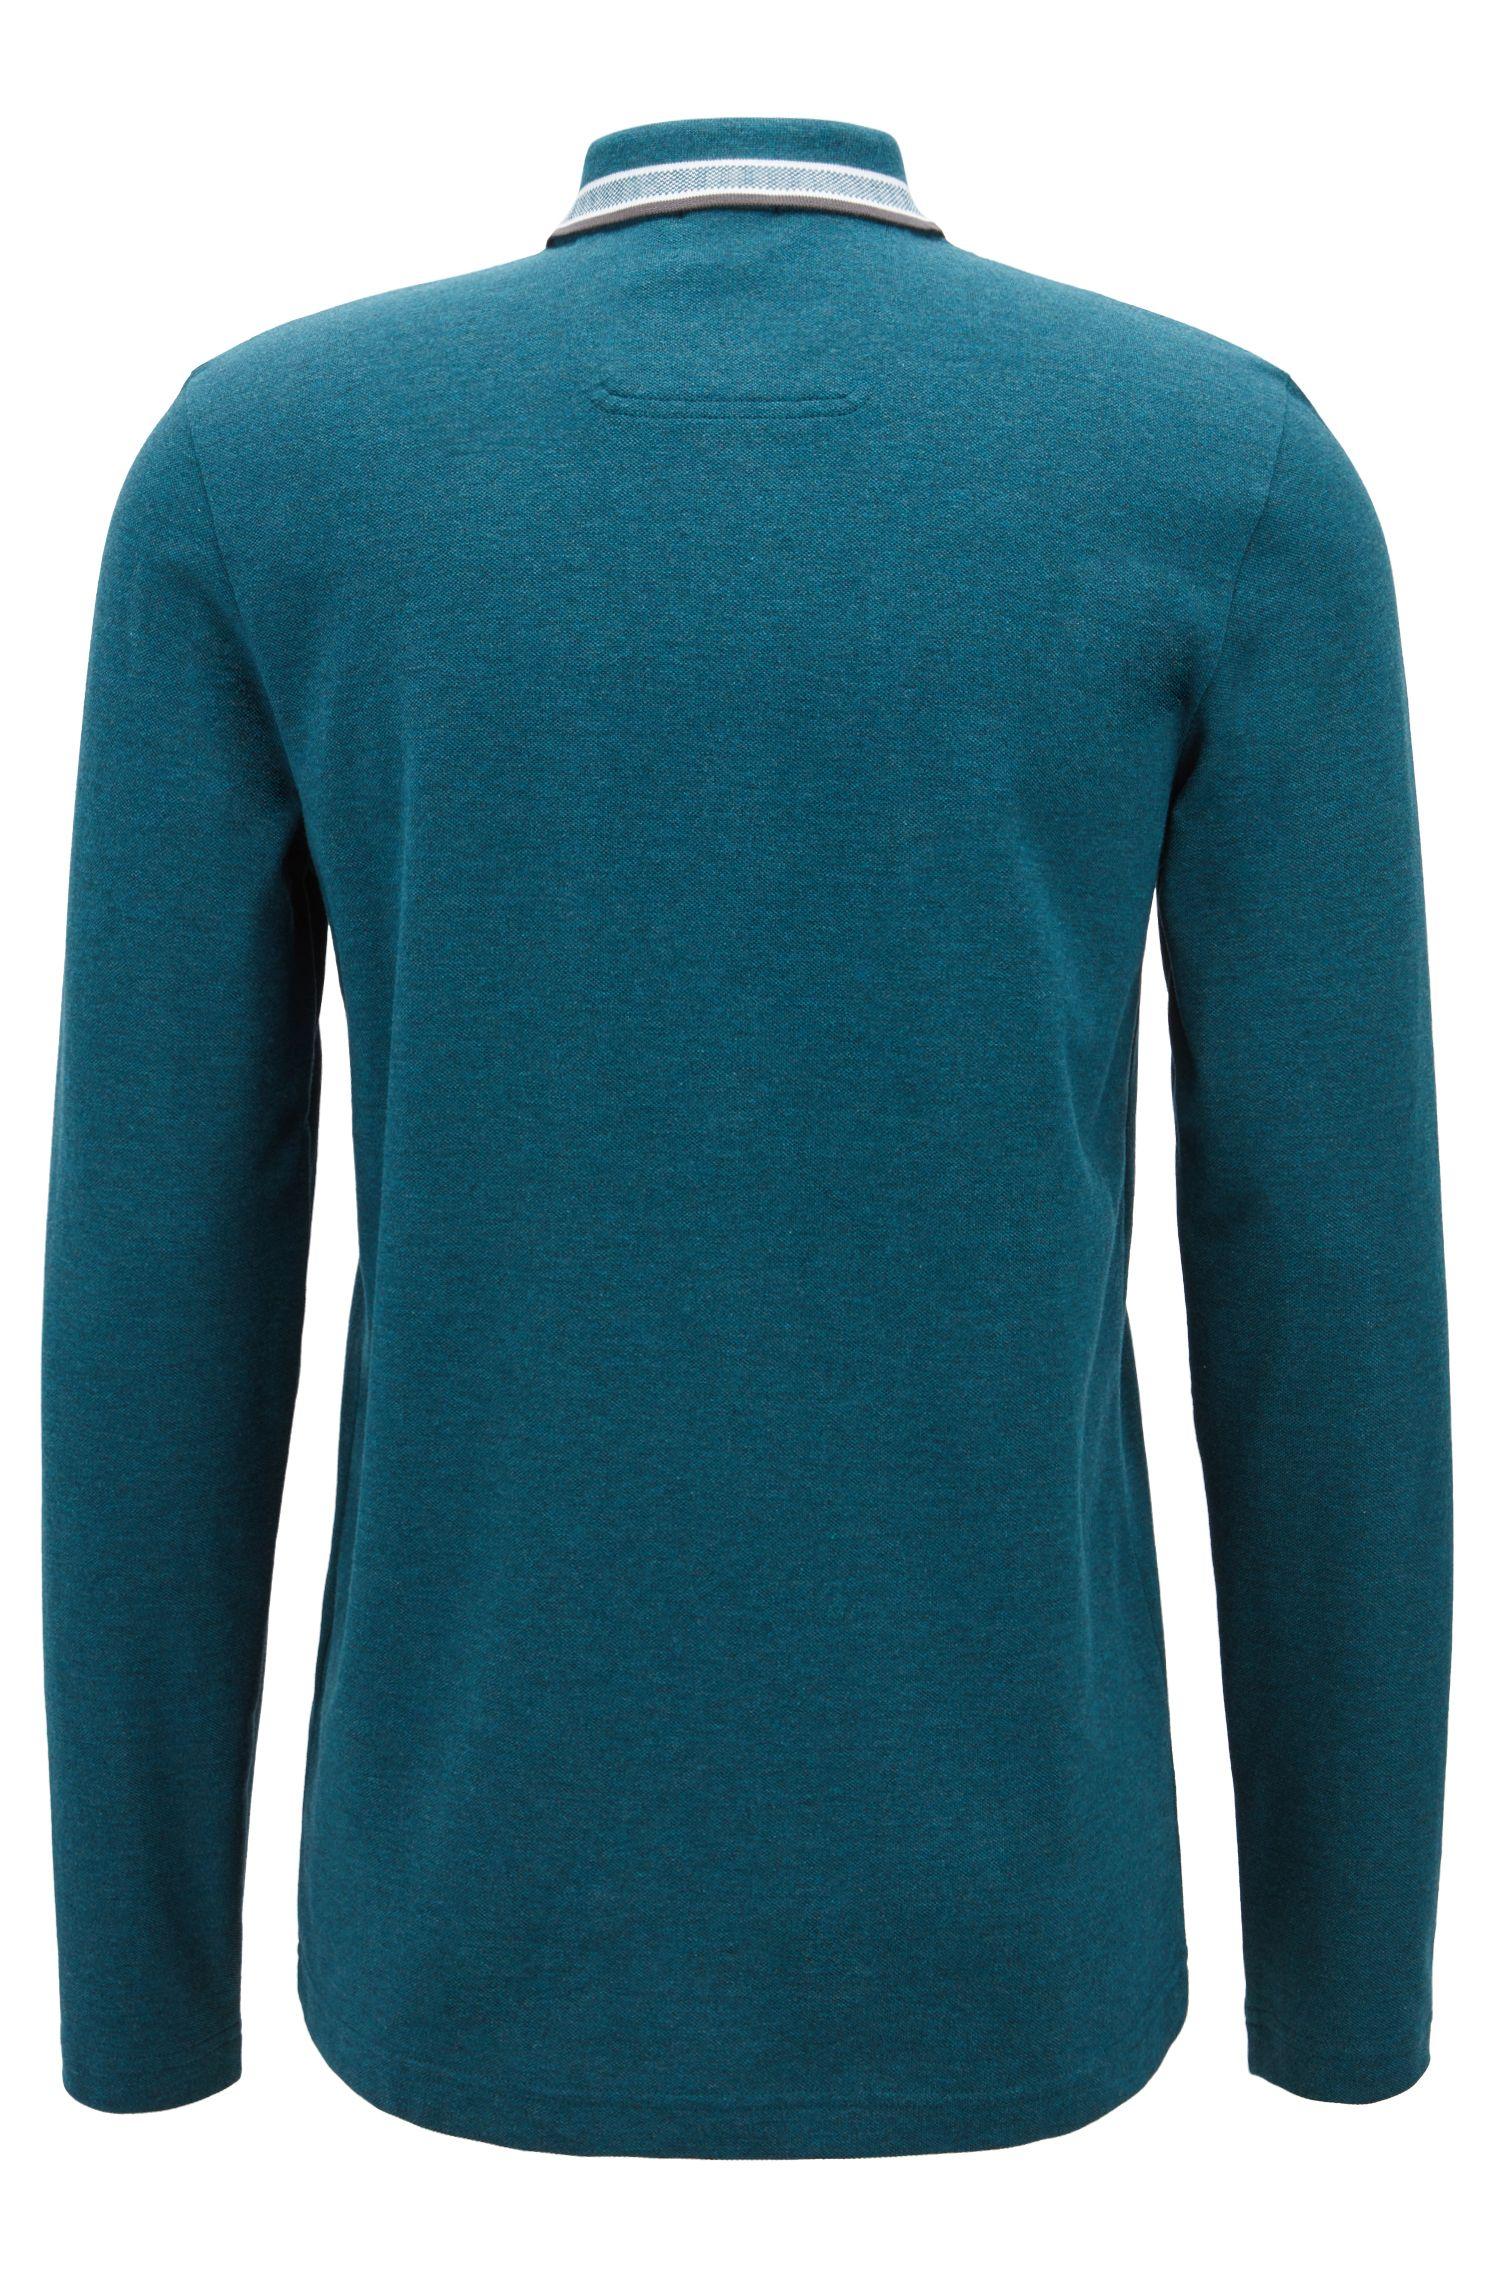 Regular-Fit Poloshirt aus Baumwoll-Piqué, Dunkelblau